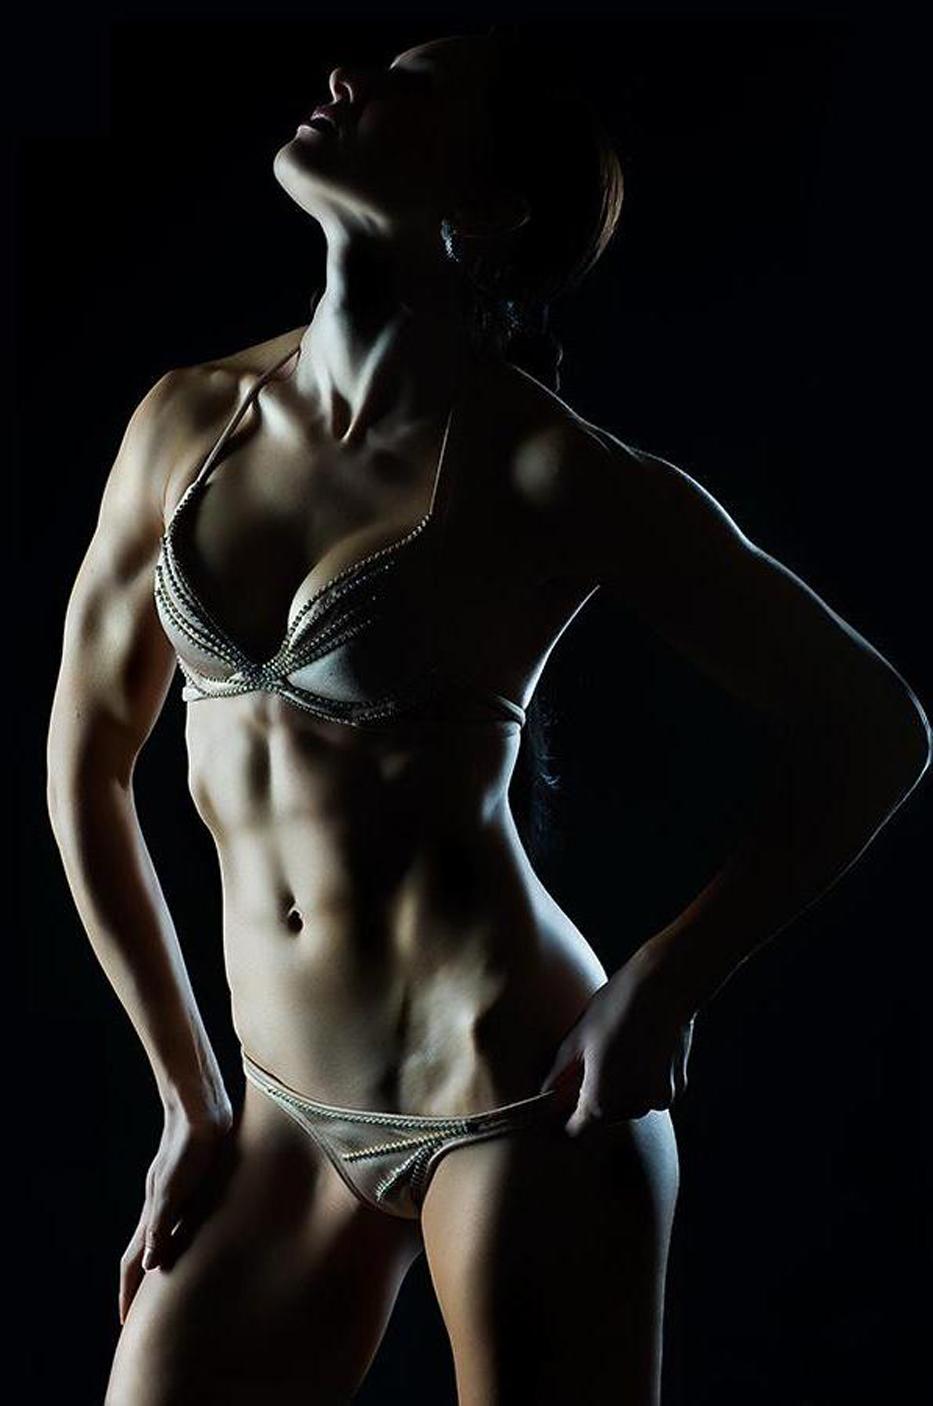 Фото накаченных женщин брюнеток 14 фотография